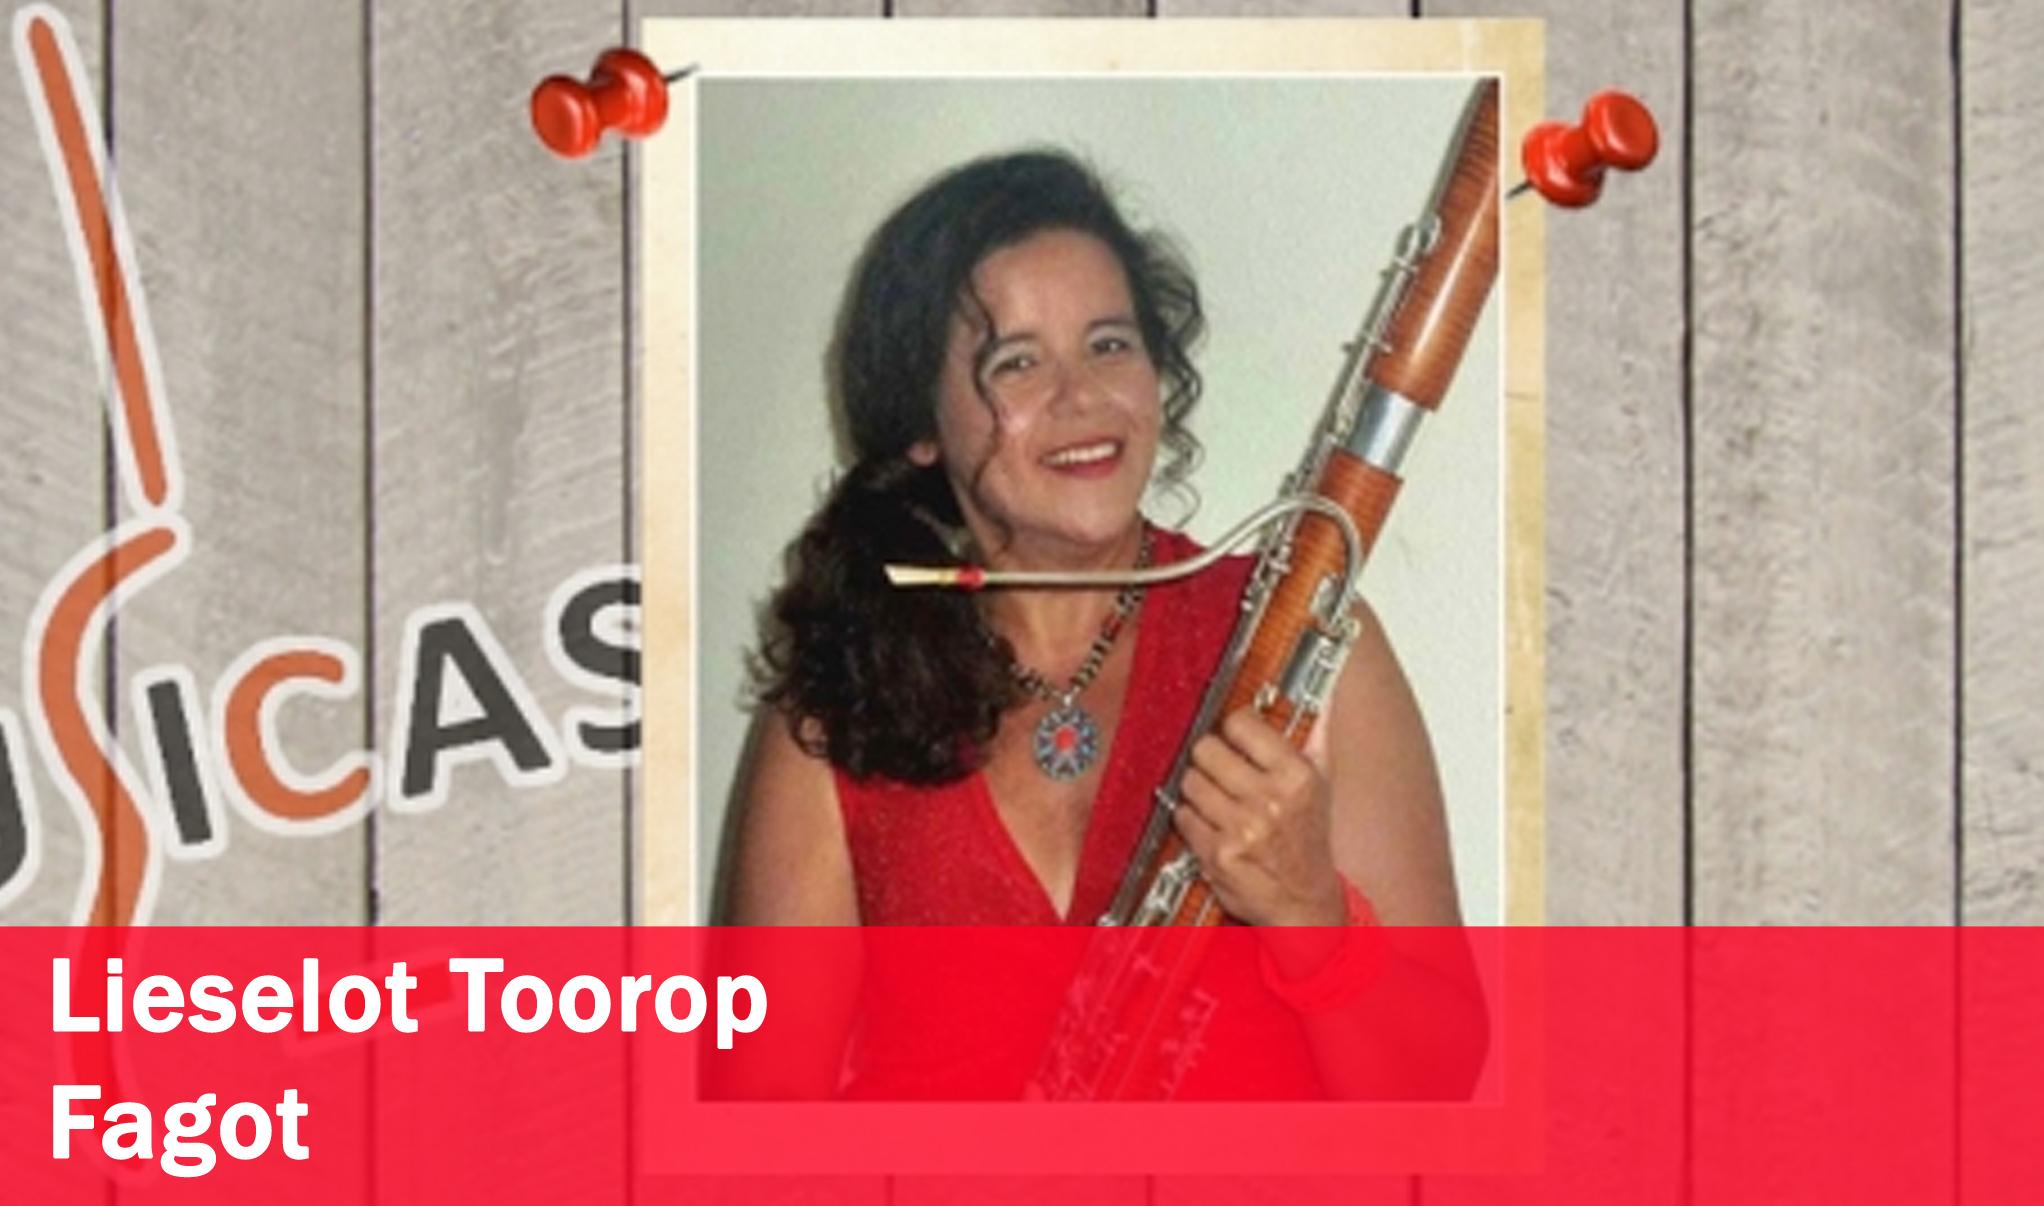 Lieselot Toorop <br>Fagot